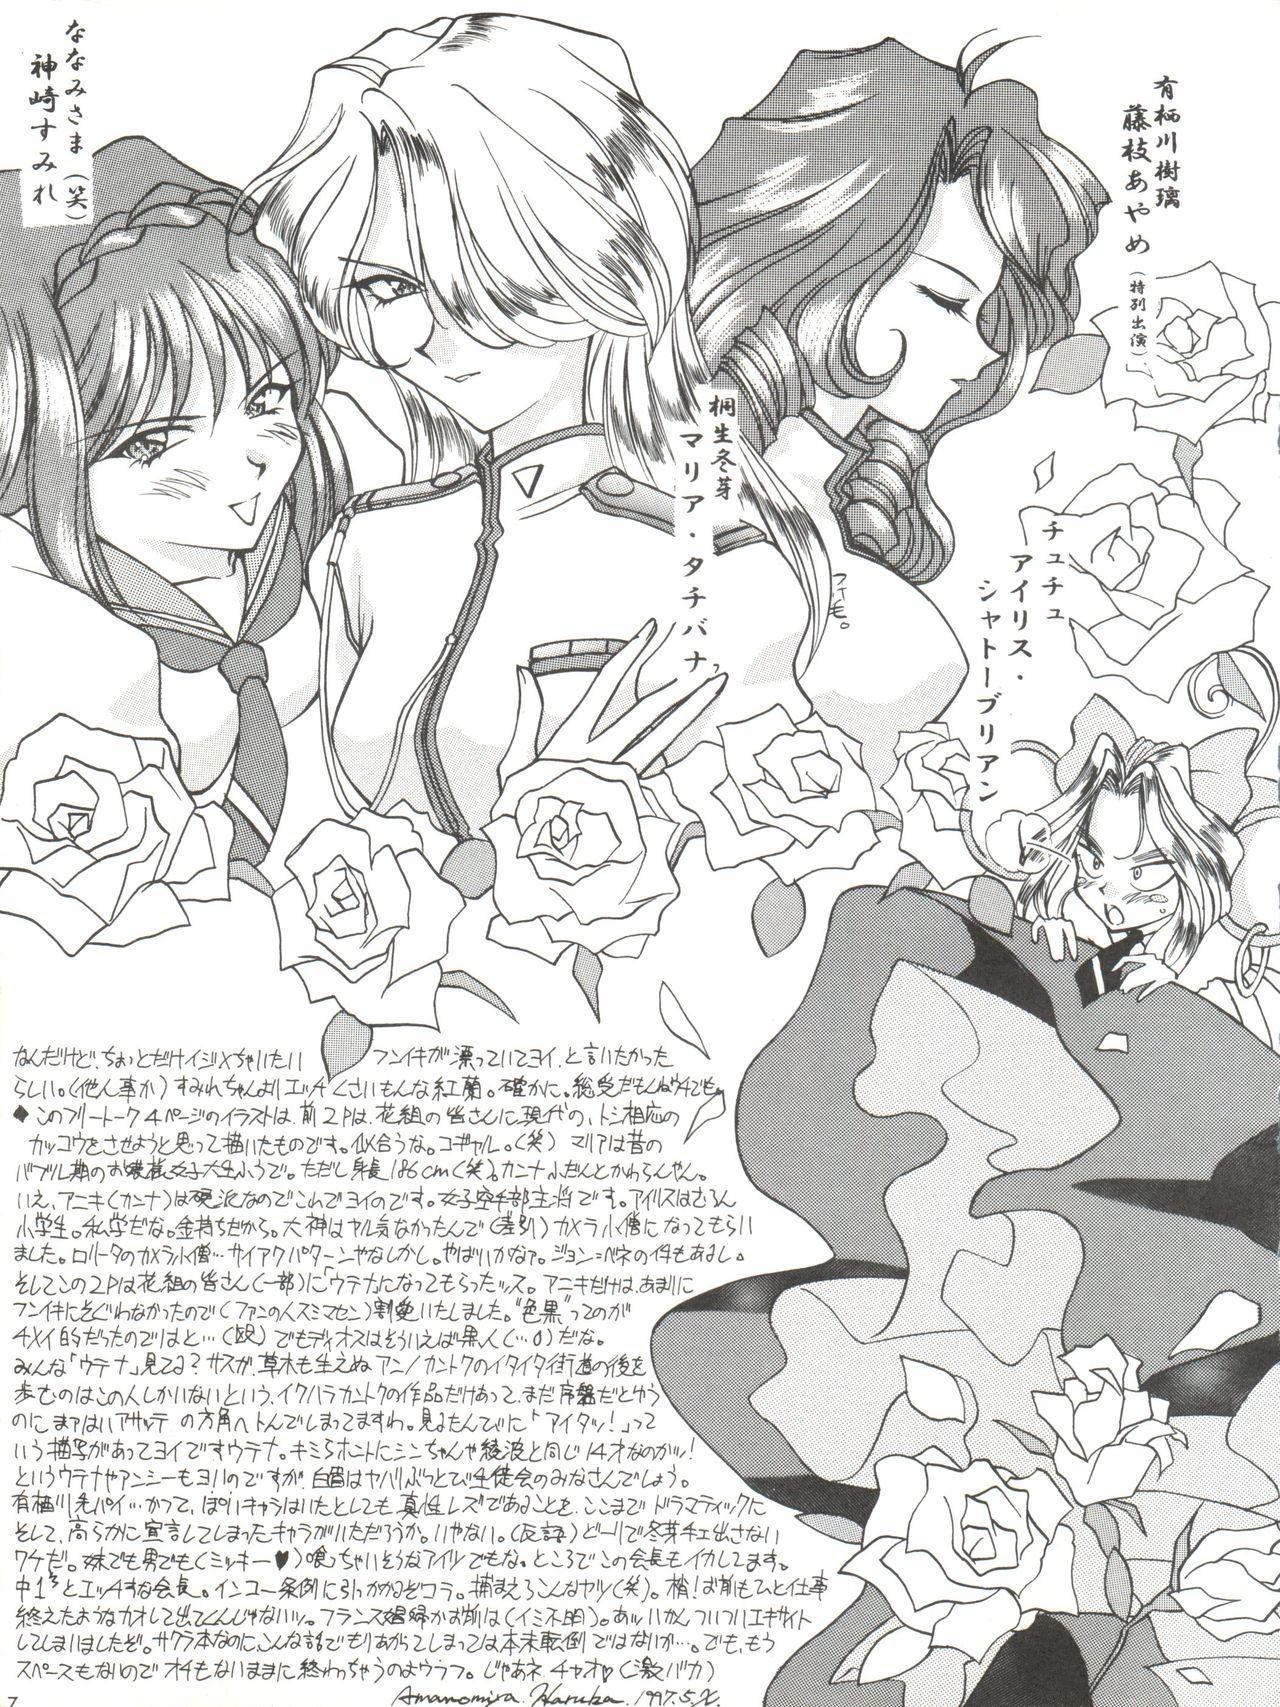 Li Kohran no Gottsuee Kanji 7